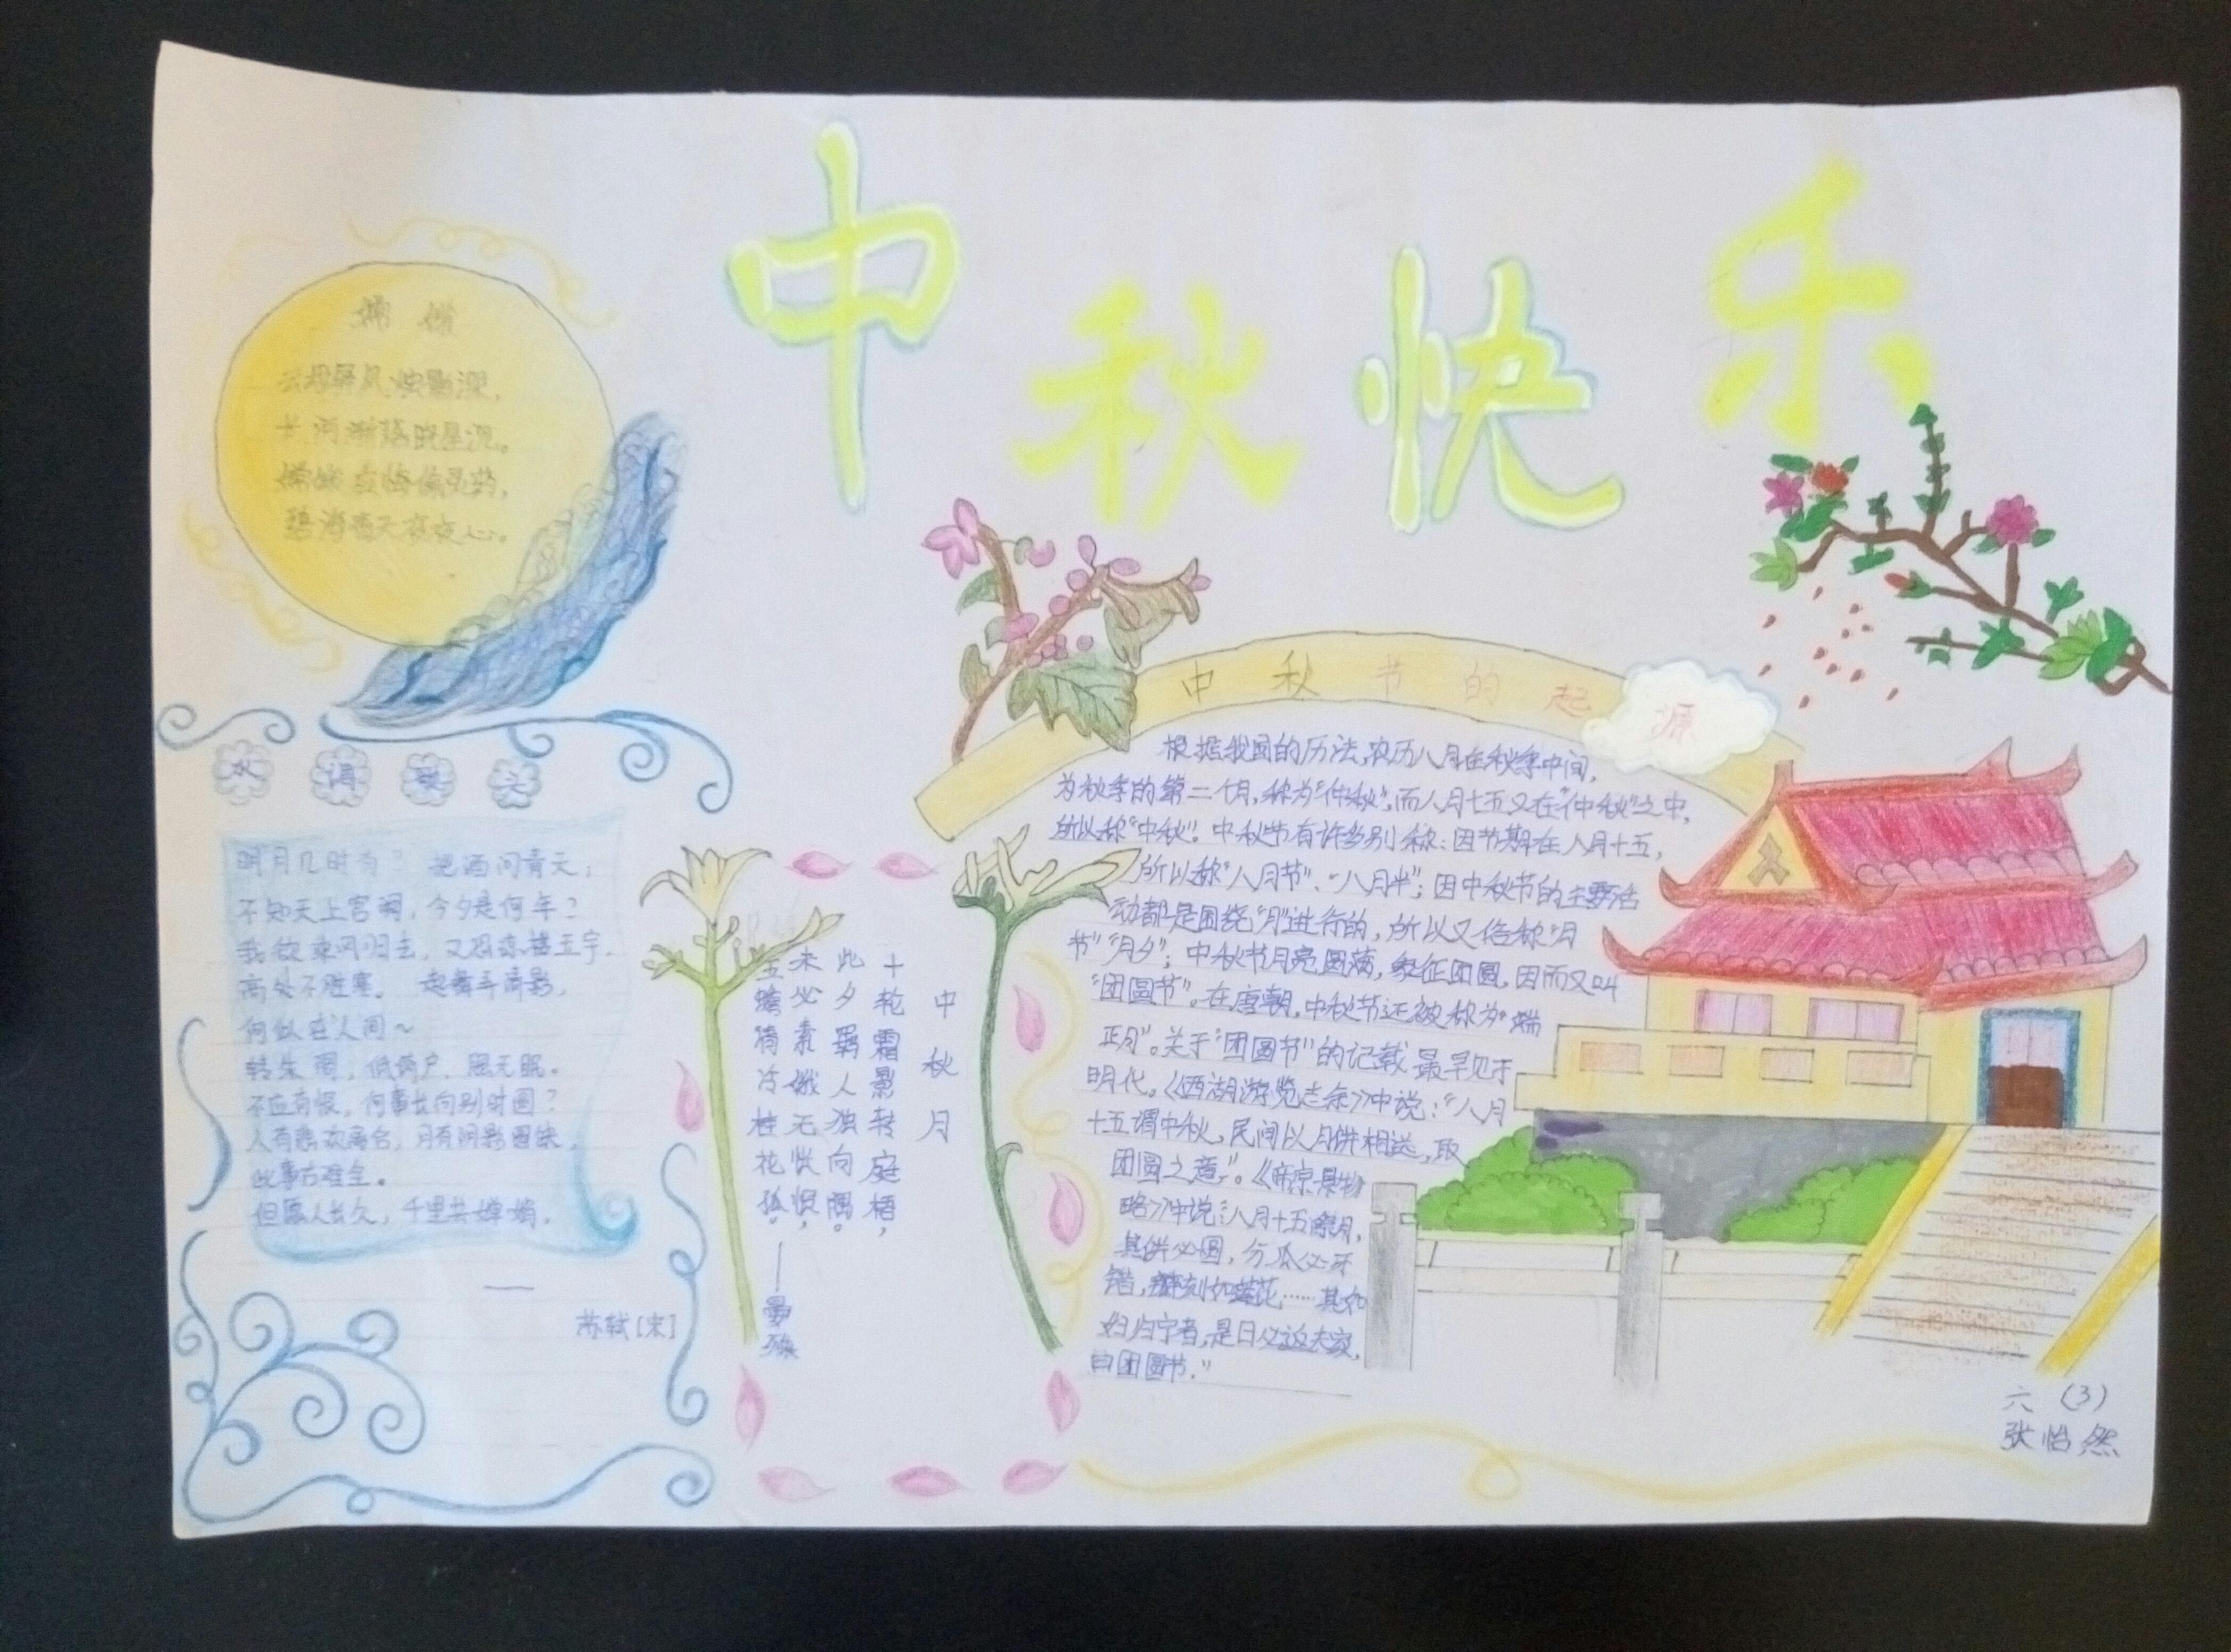 中秋节手抄报 - 2014年少年儿童媒介素养教育活动